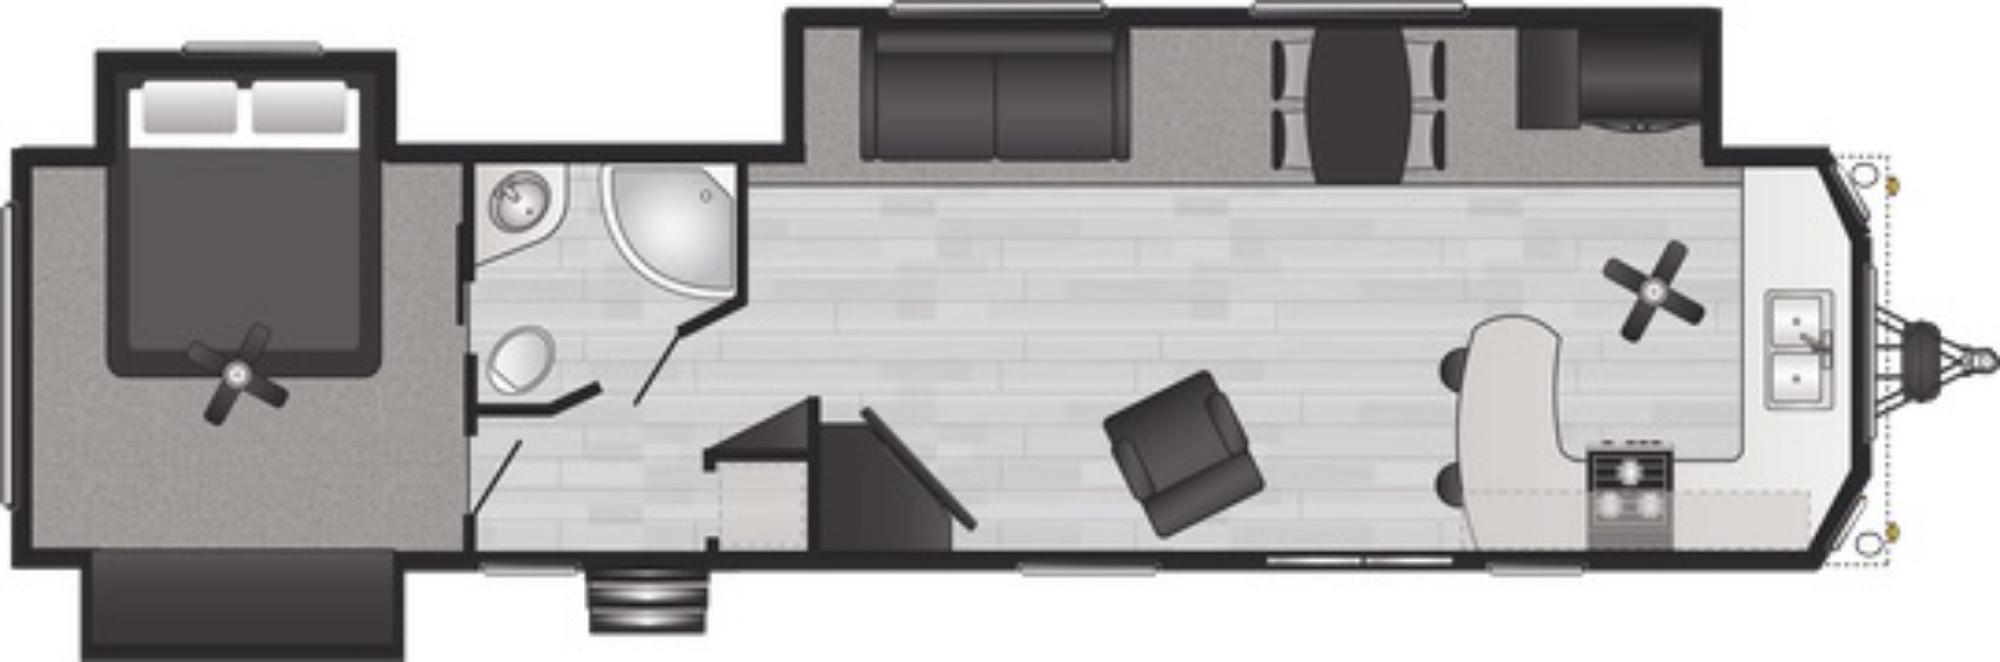 View Floor Plan for 2021 KEYSTONE RETREAT 391FKSS